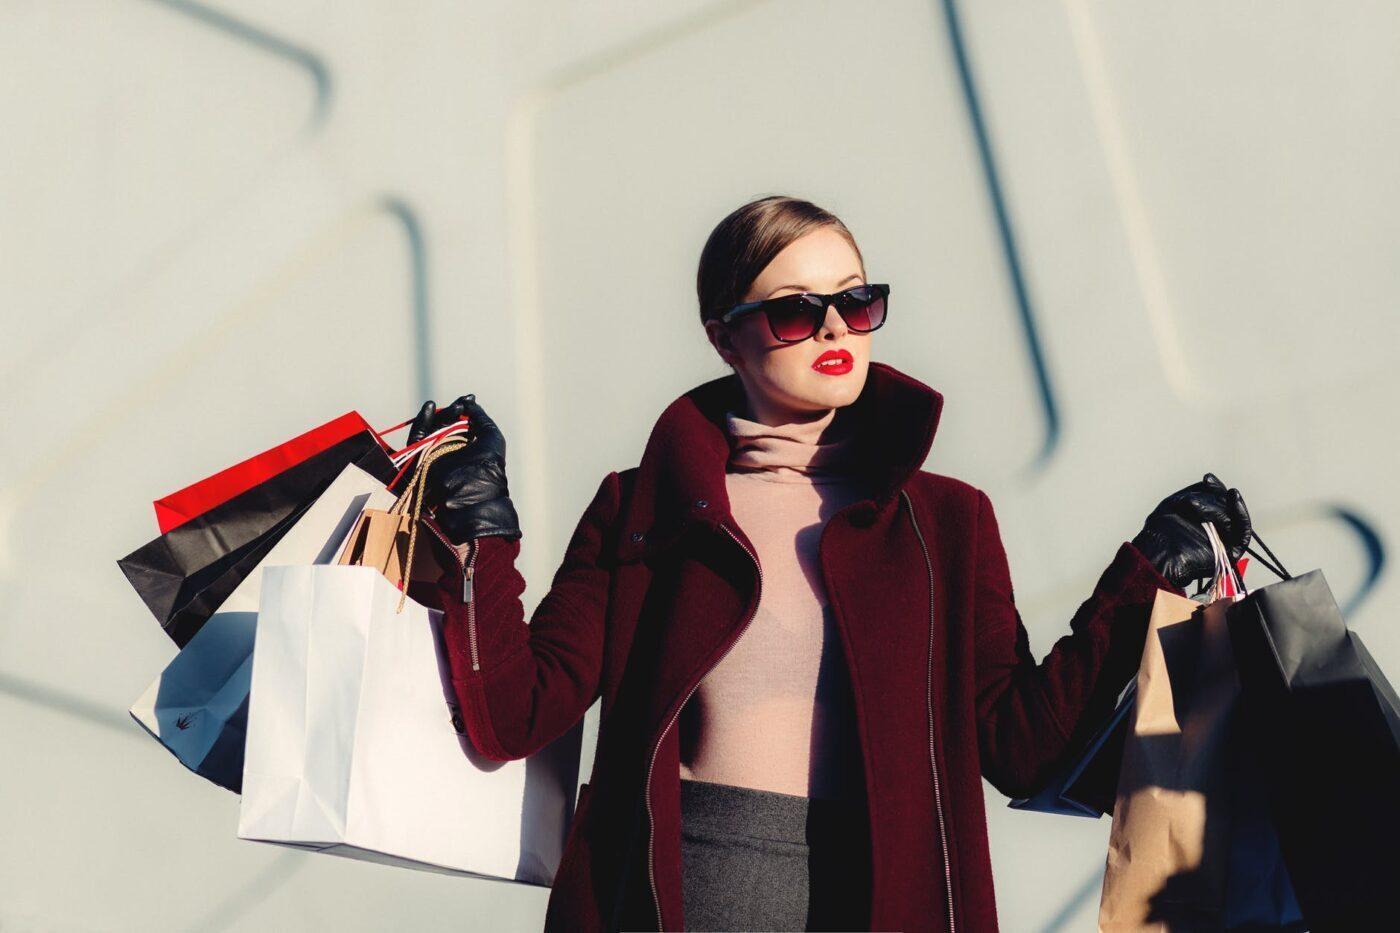 Dẫn mẹ đi mua sắm đồ mẹ thích